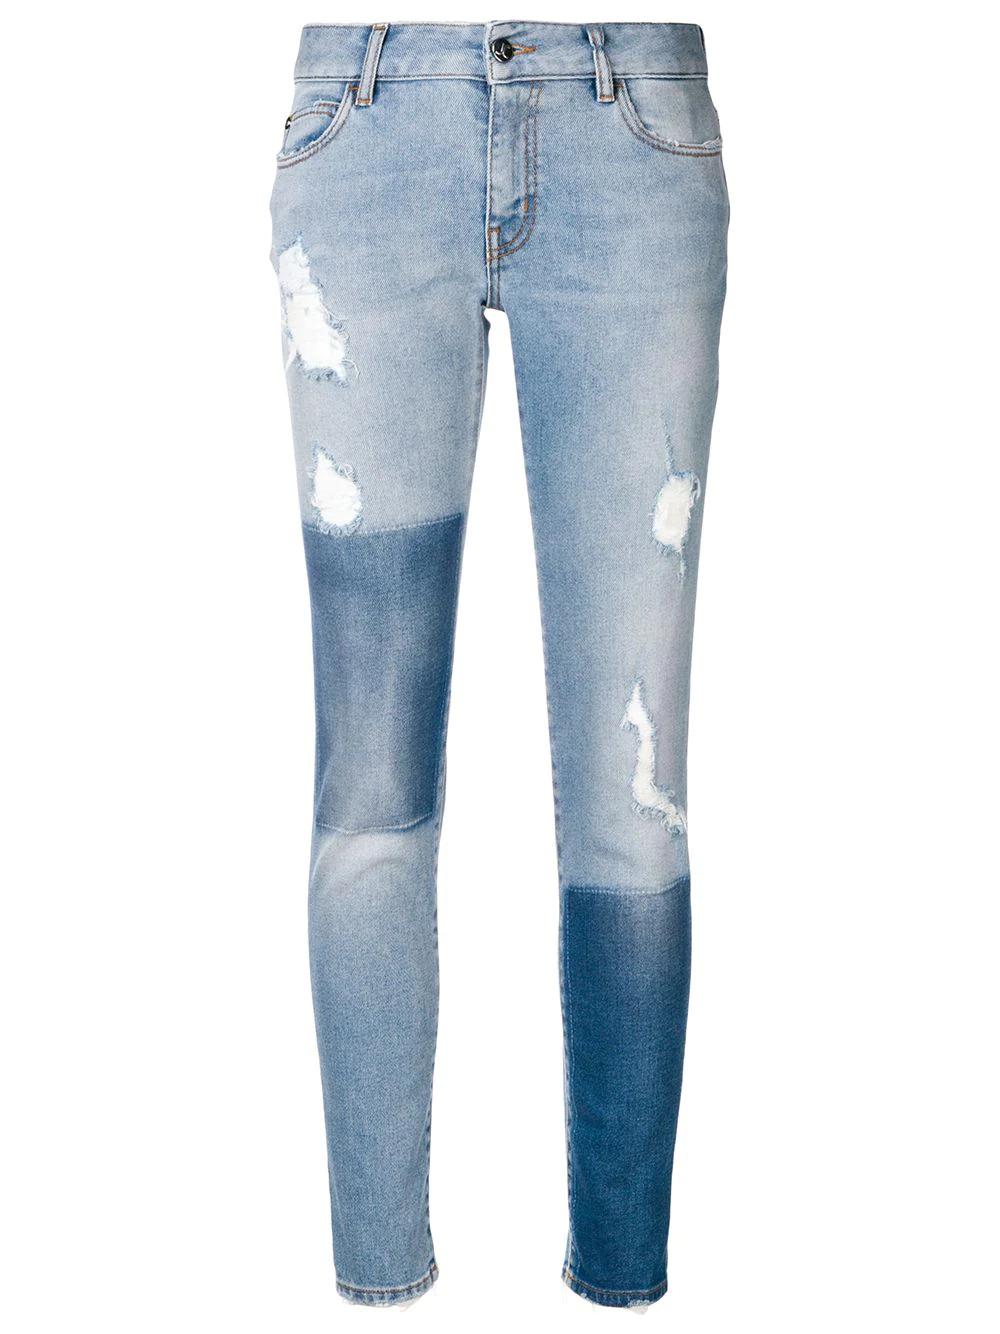 JUST CAVALLI | джинсы скинни с эффектом потертости | Clouty